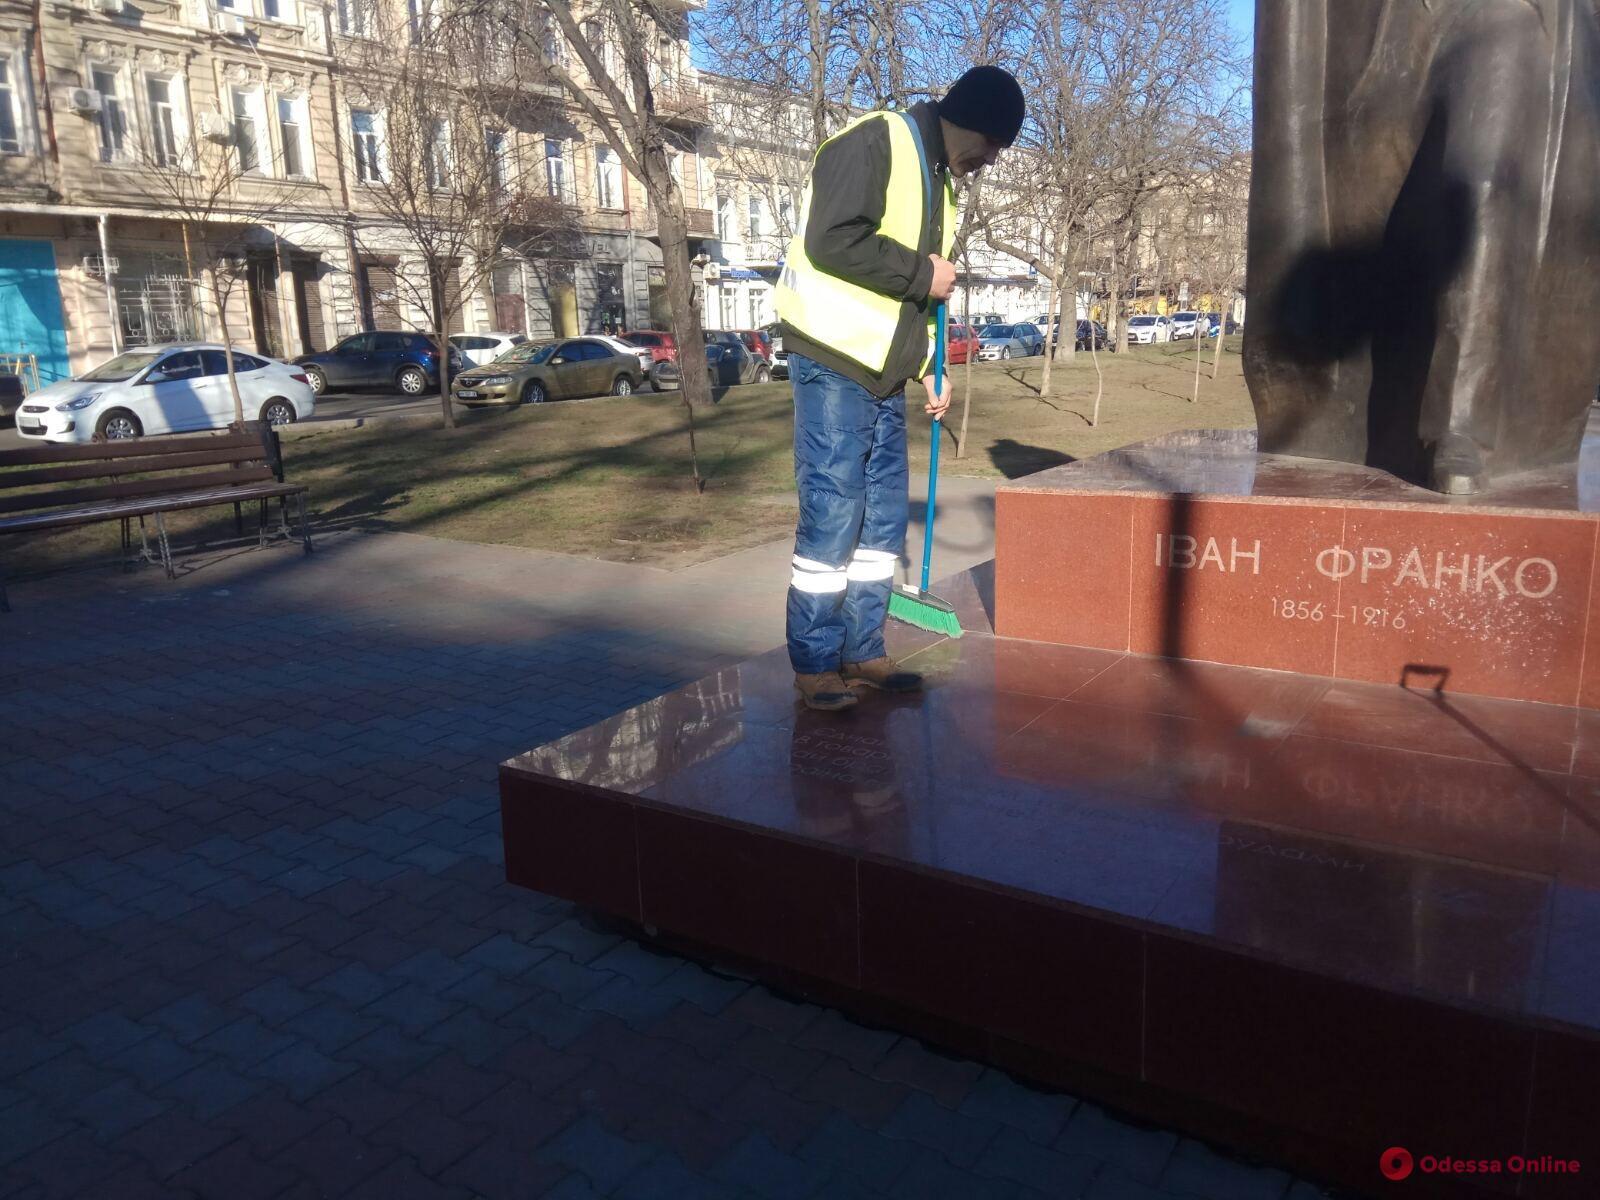 Вандалы разрисовали памятники на Александровском проспекте в Одессе